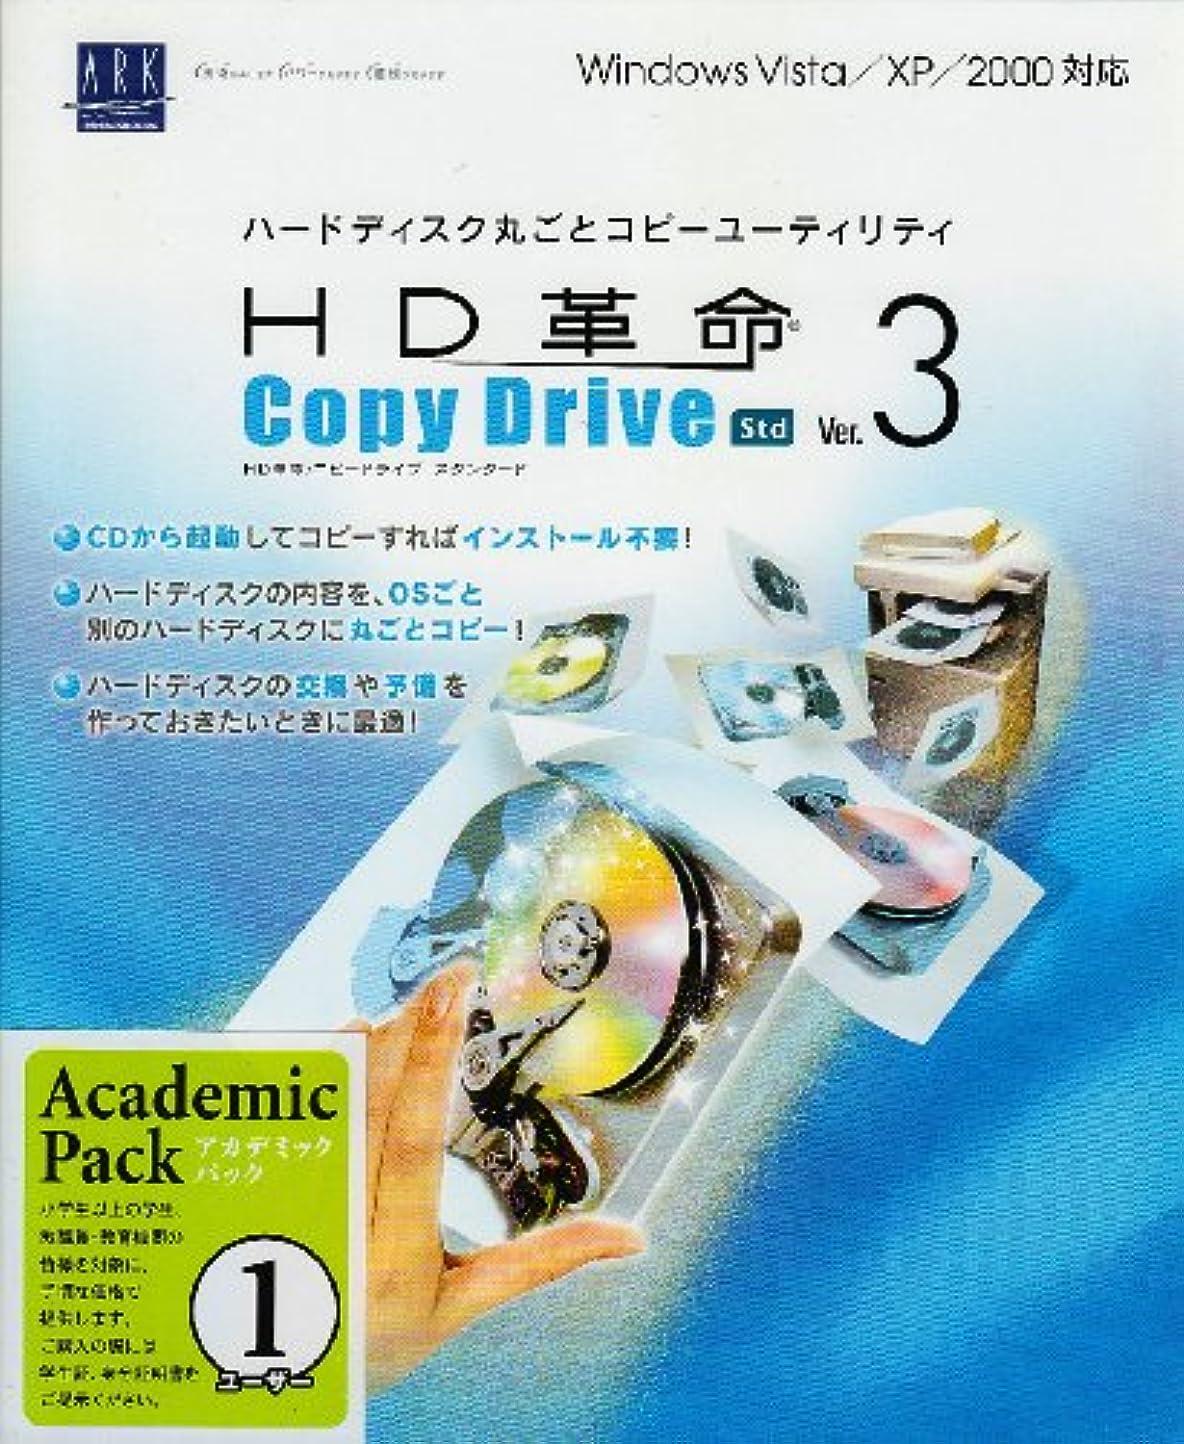 移植理容師歩くHD革命/CopyDrive Ver.3 Std アカデミックパック 1ユーザー